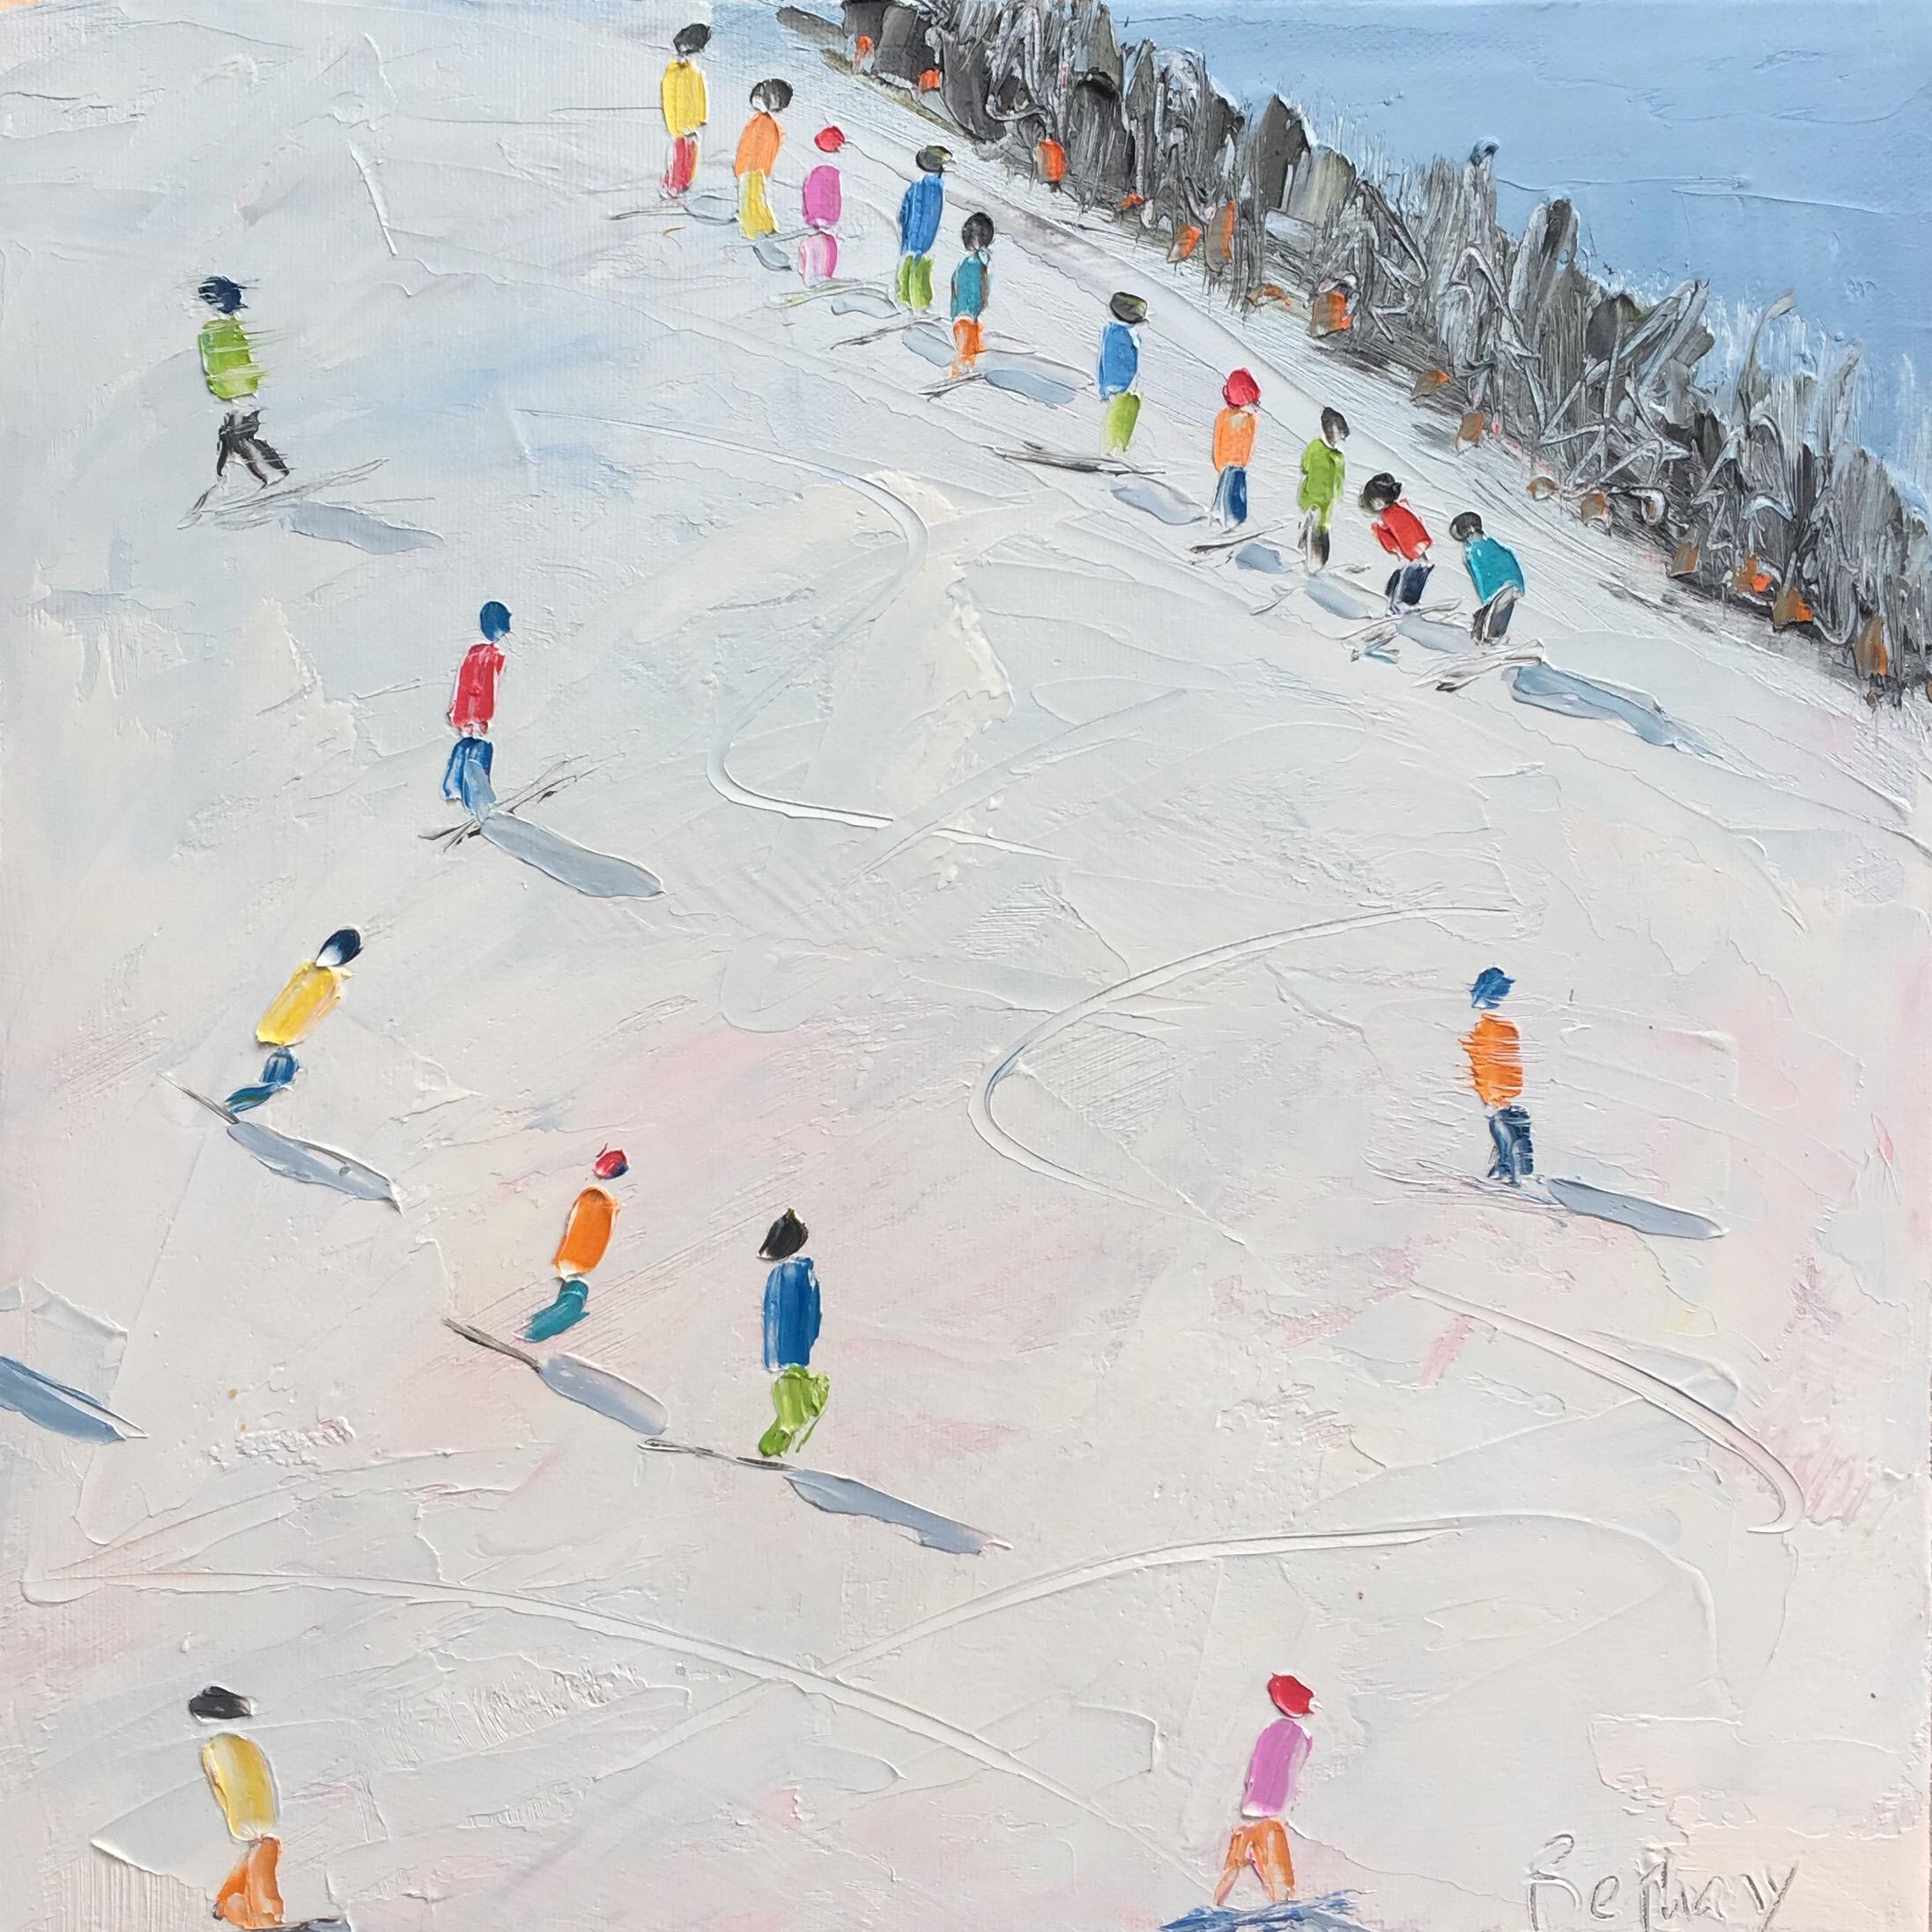 Ski Days - Morning Lessons